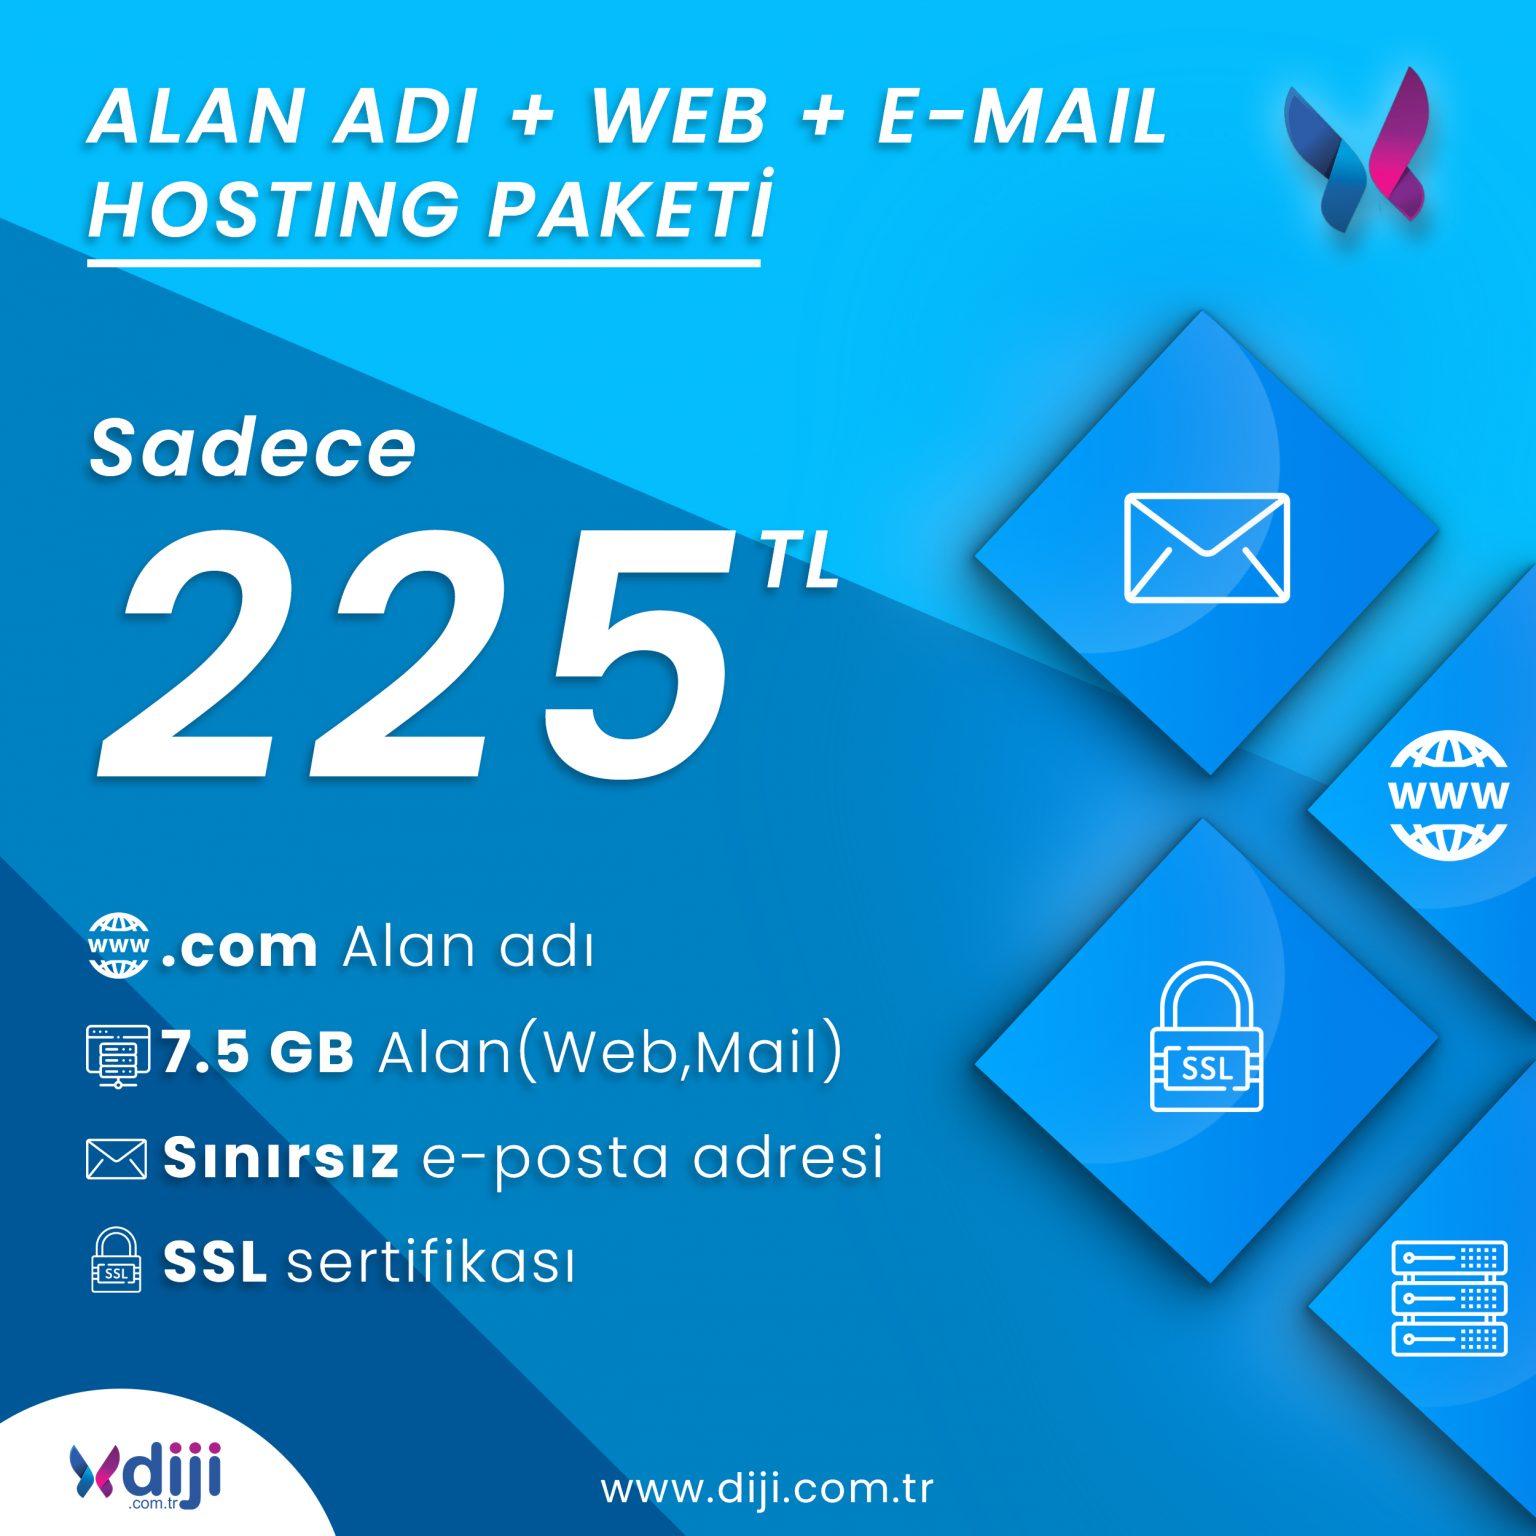 Diji'de Buluşalım : Alan Adı, Web, E-Mail Hosting